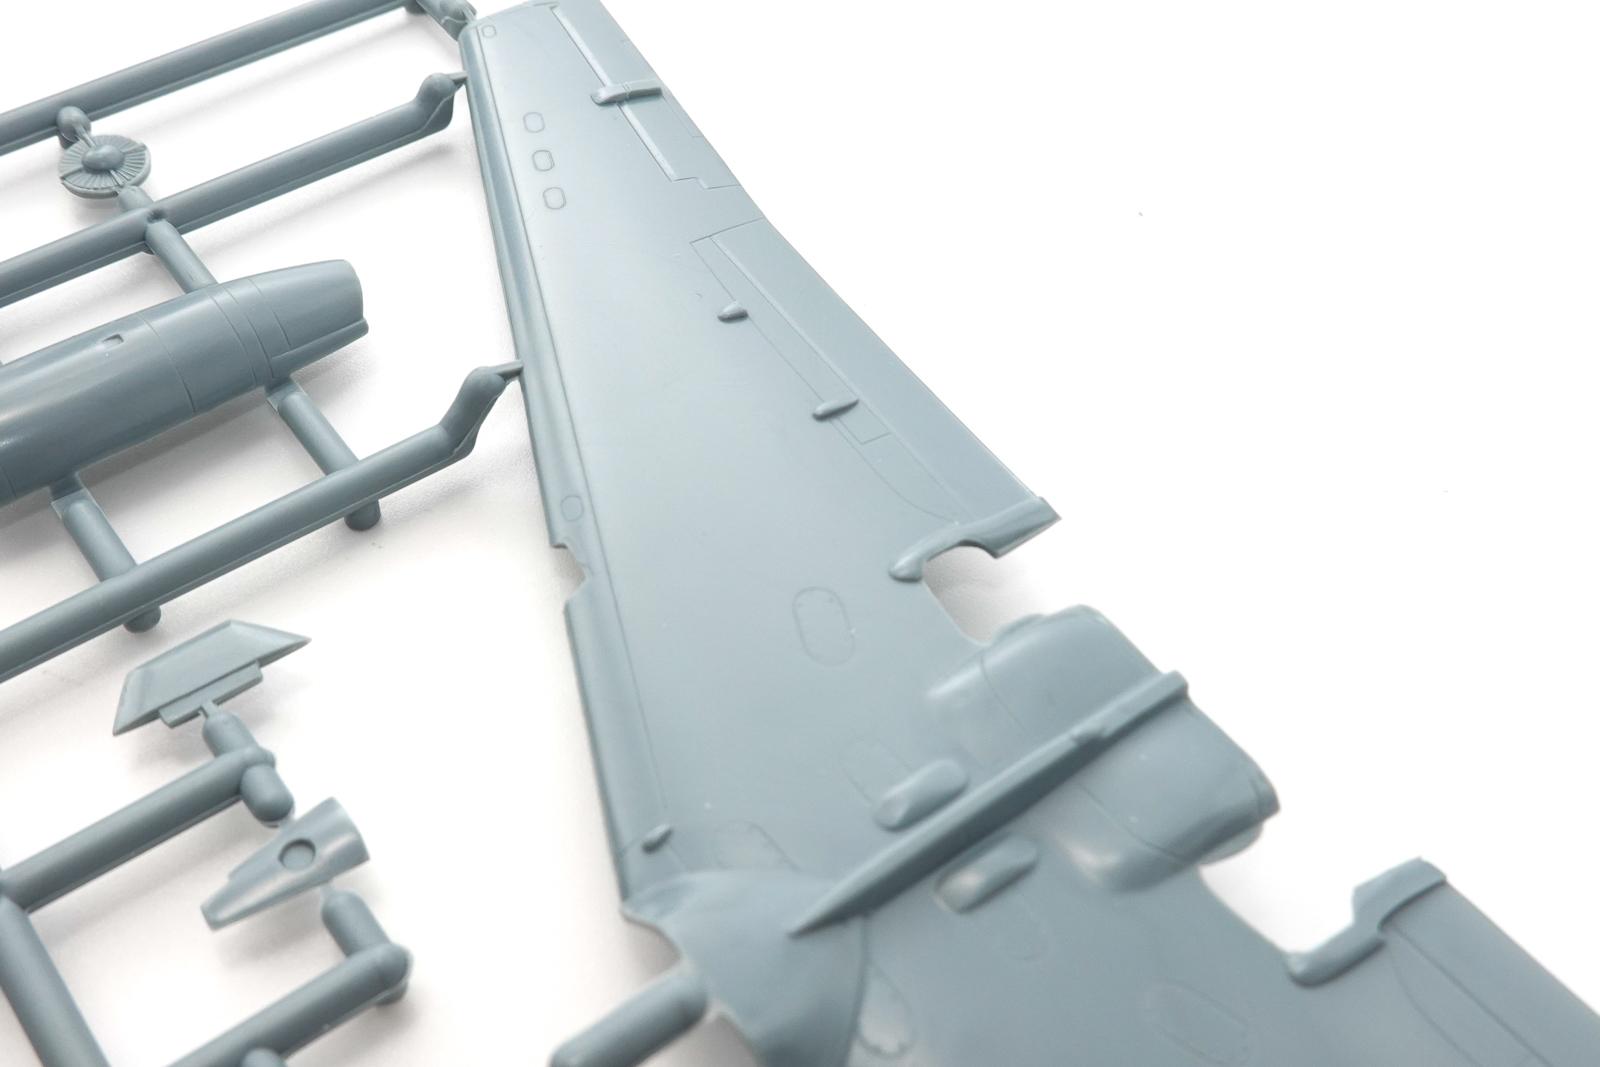 ソード 1/72 航空自衛隊 U-125 プラモデル パーツアップ 1